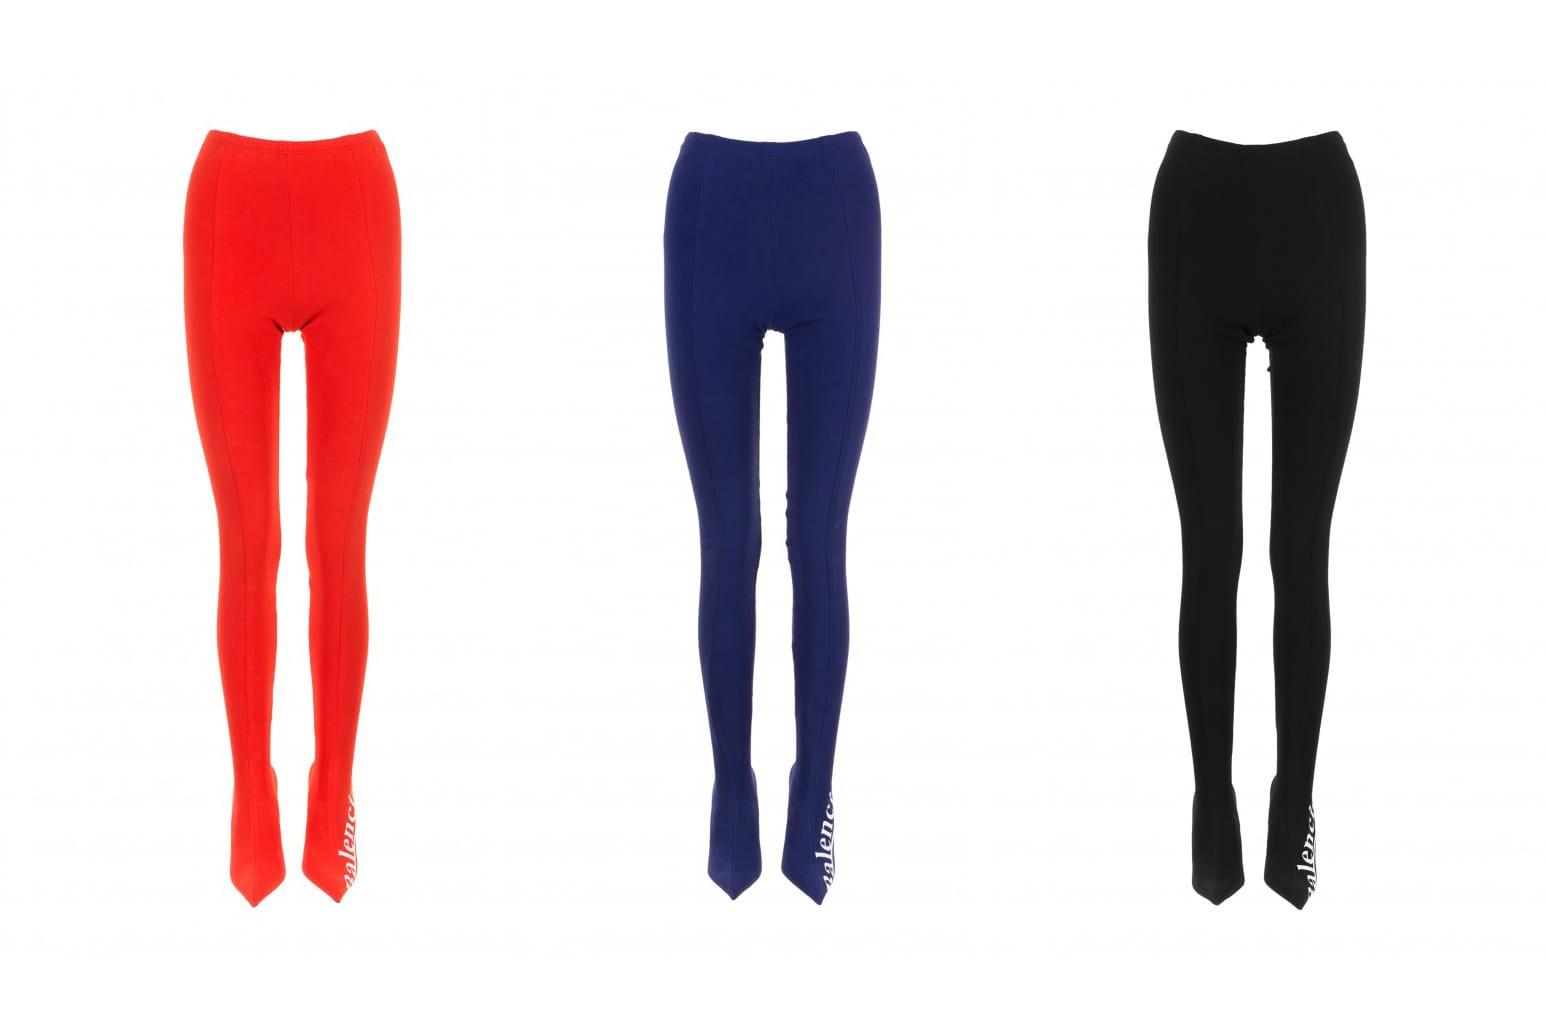 Balenciaga x colette Drops Chic Legging